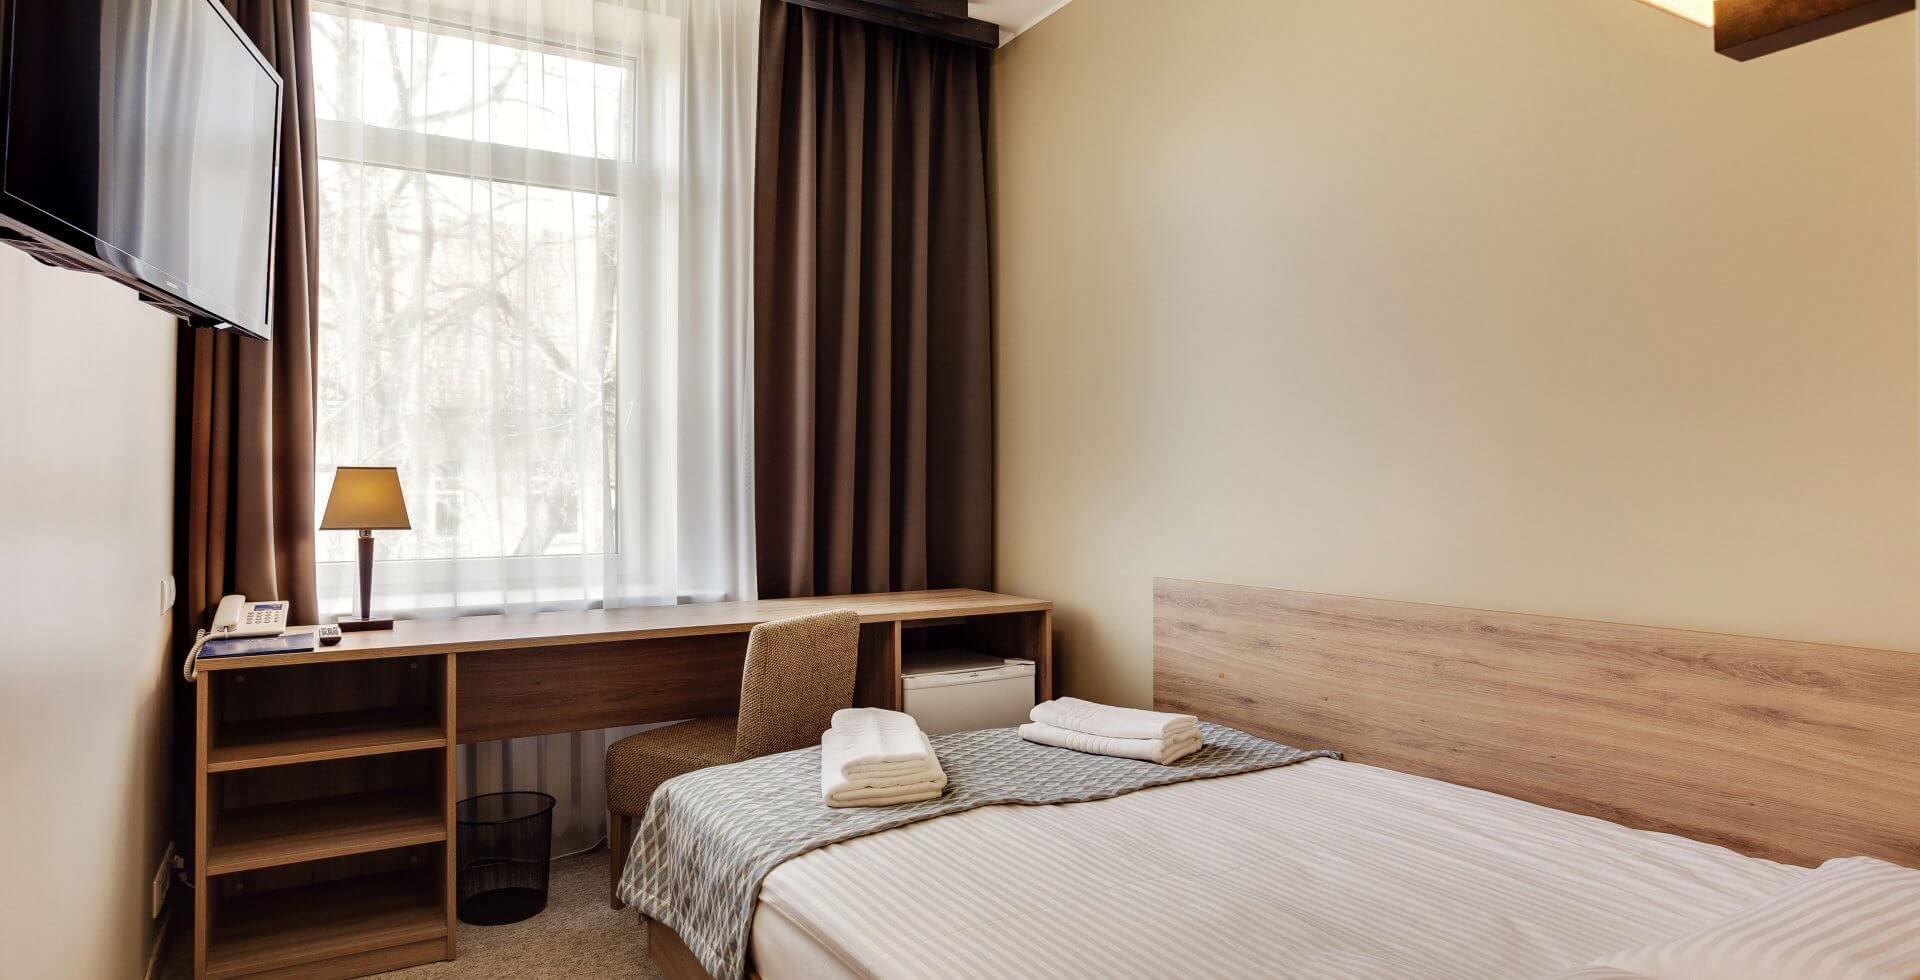 Standart rooms